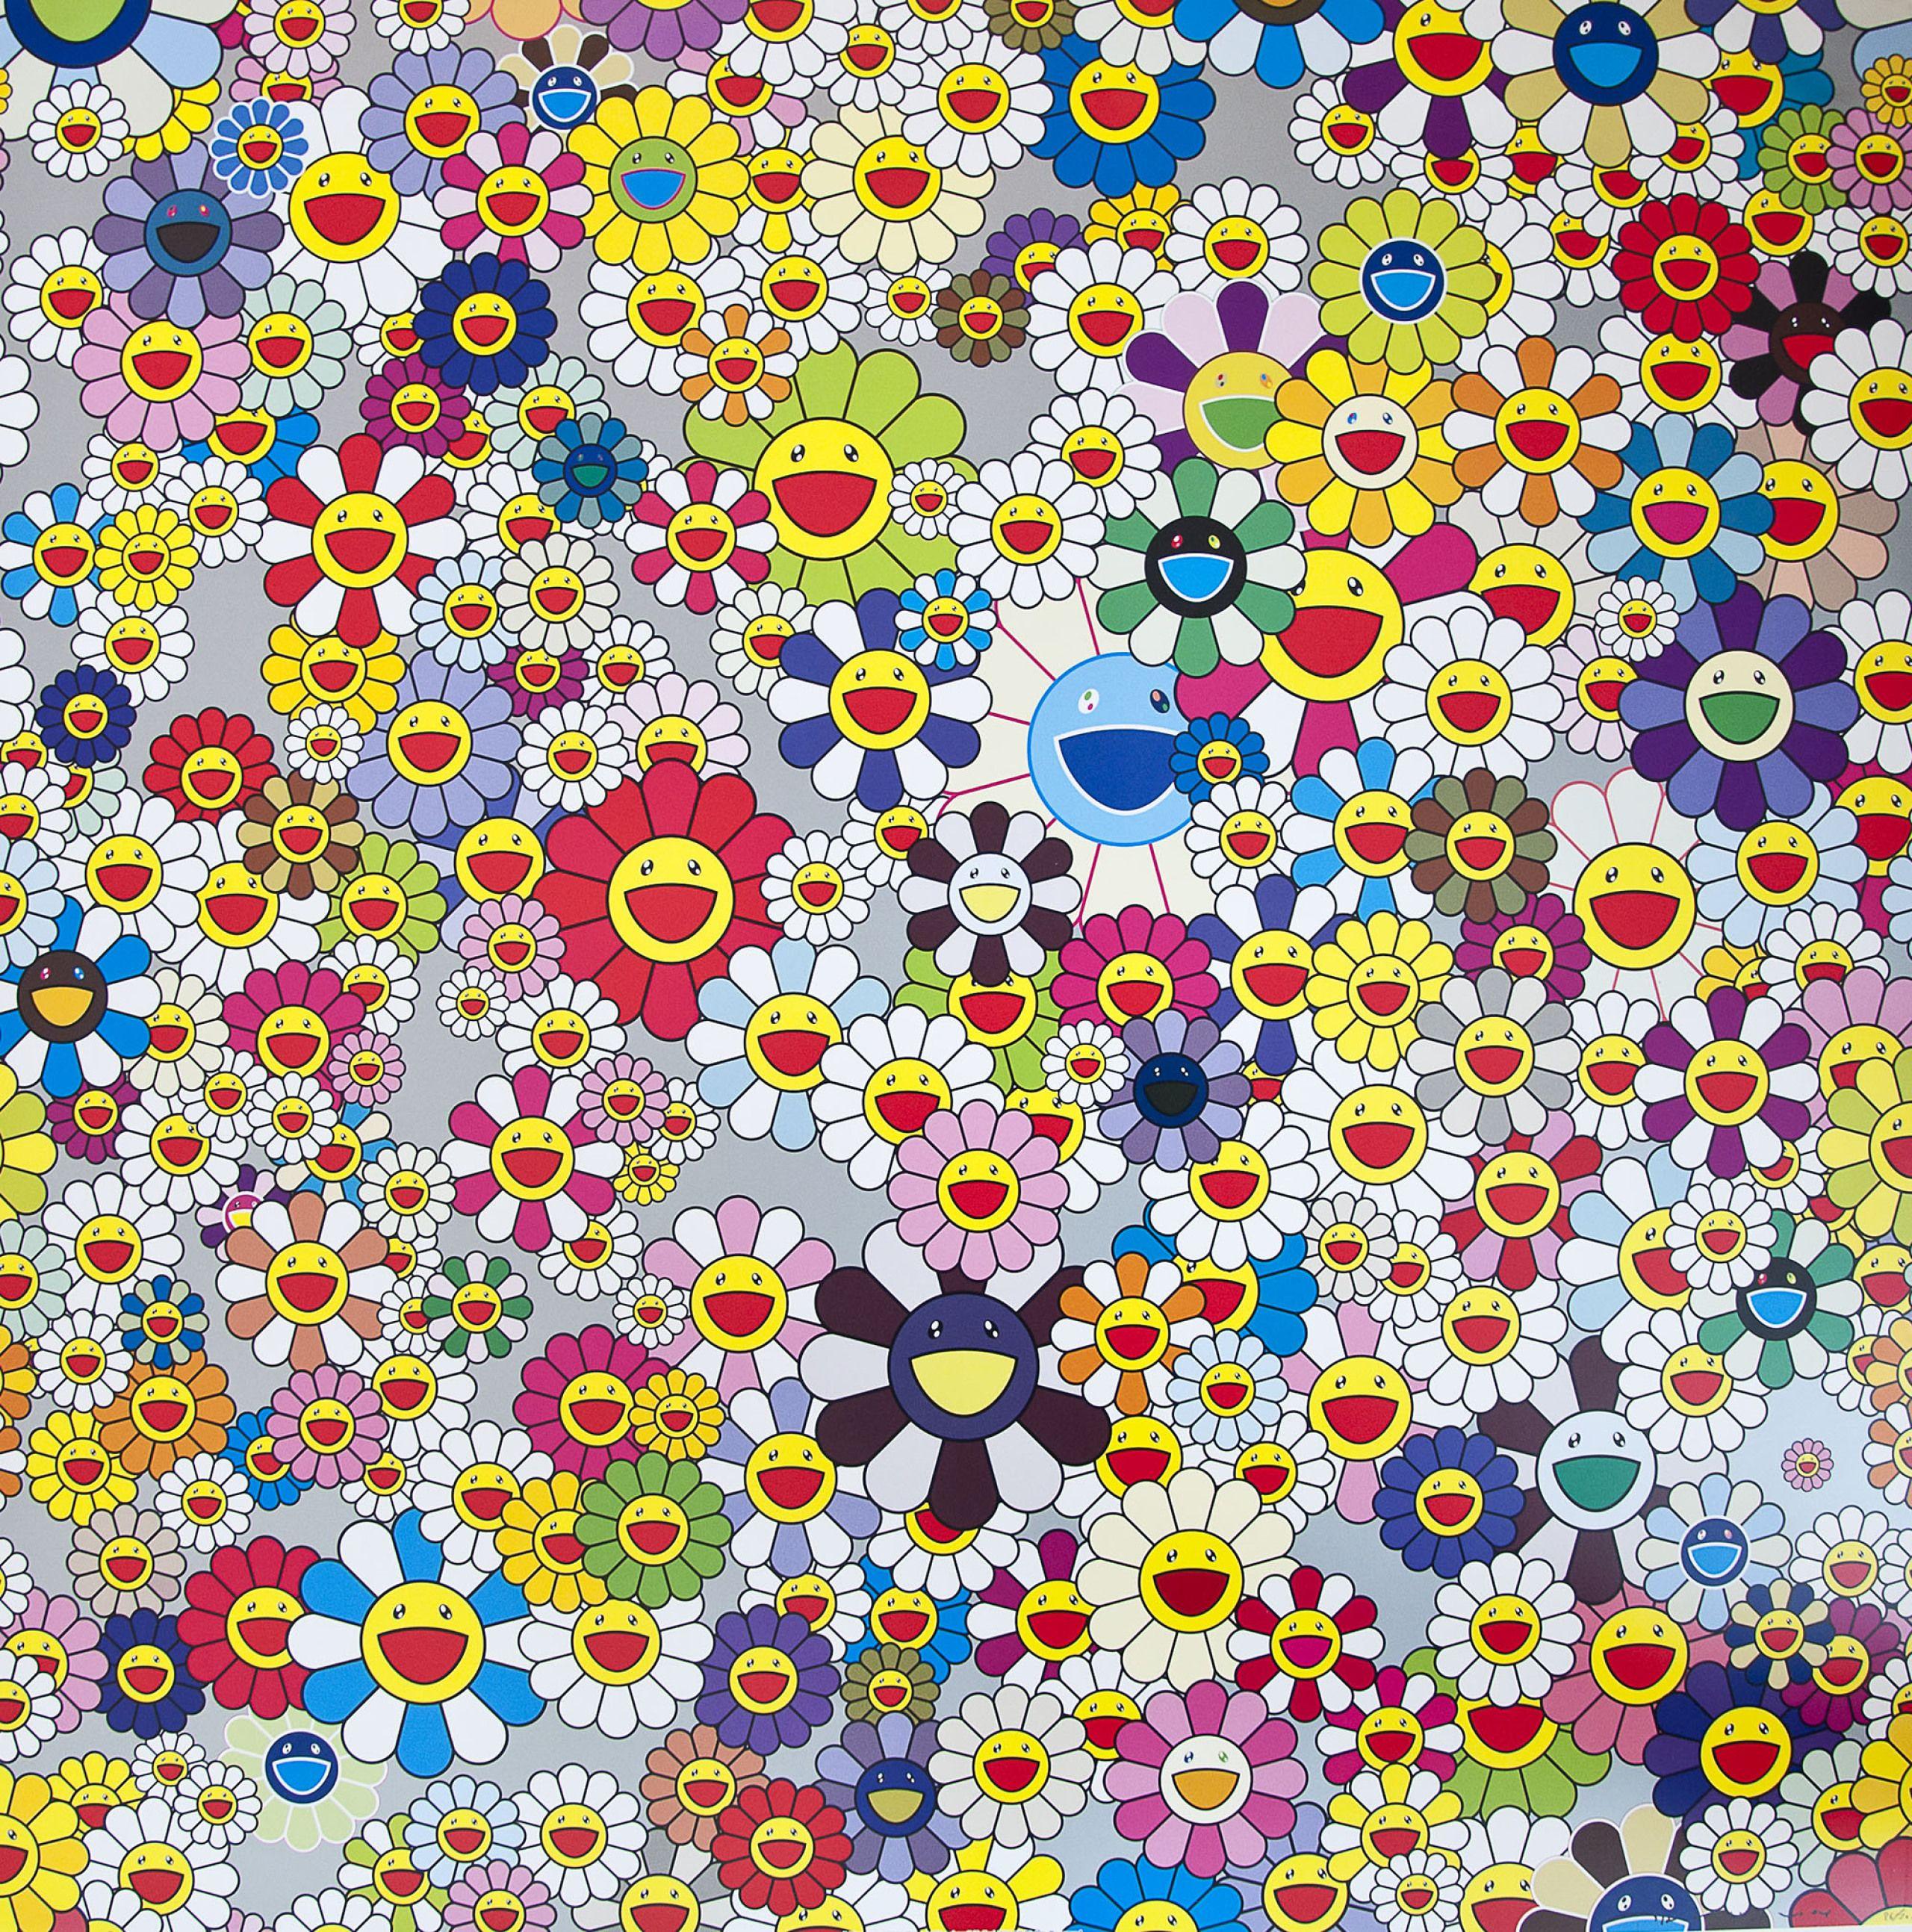 Takashi Murakami, Flowers ポップアート, 村上隆, カイカイキキ